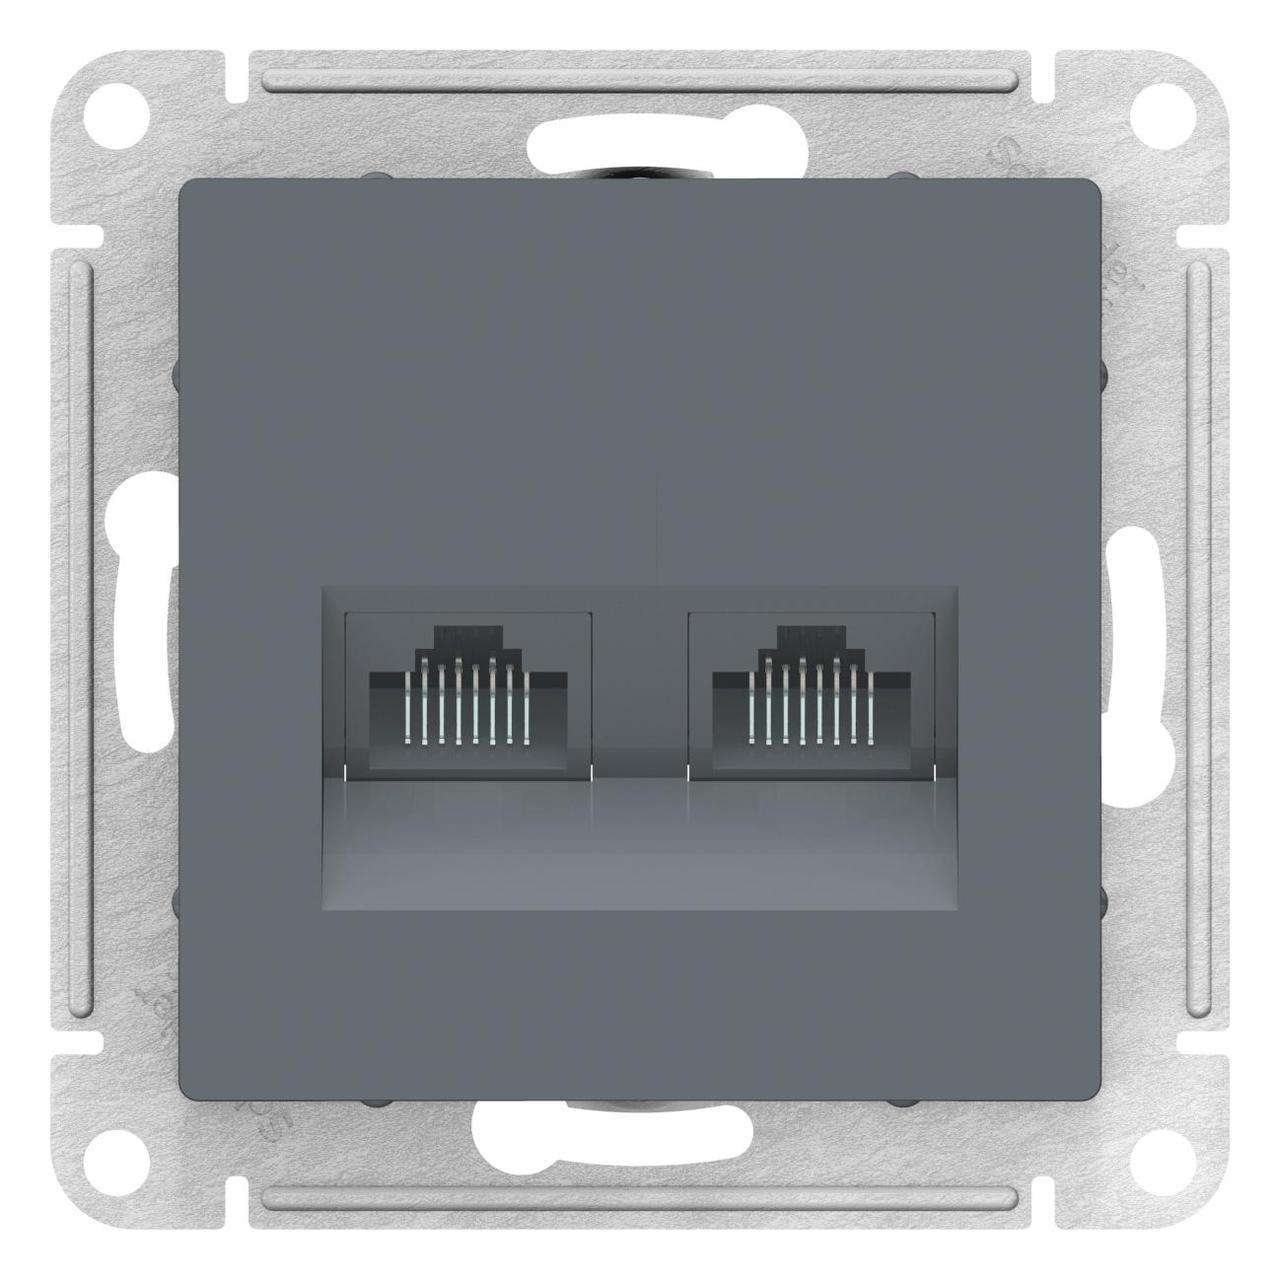 Розетка компьютерная 2-ая кат.5е, RJ-45 (интернет) , Грифель, серия Atlas Design, Schneider Electric